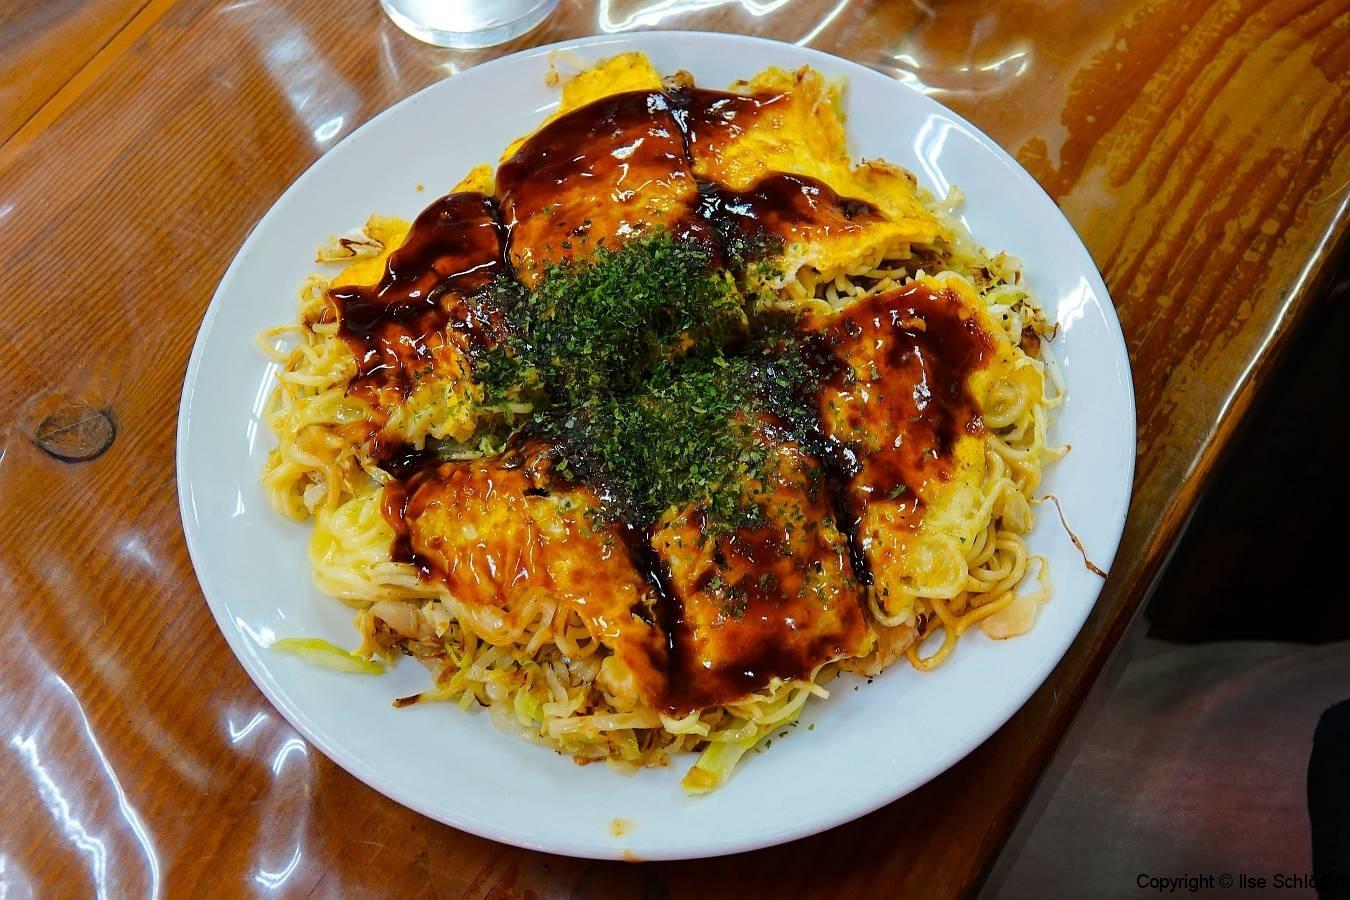 Japan, Miyajima, Okonomyaki (herzhaftes Omelett)